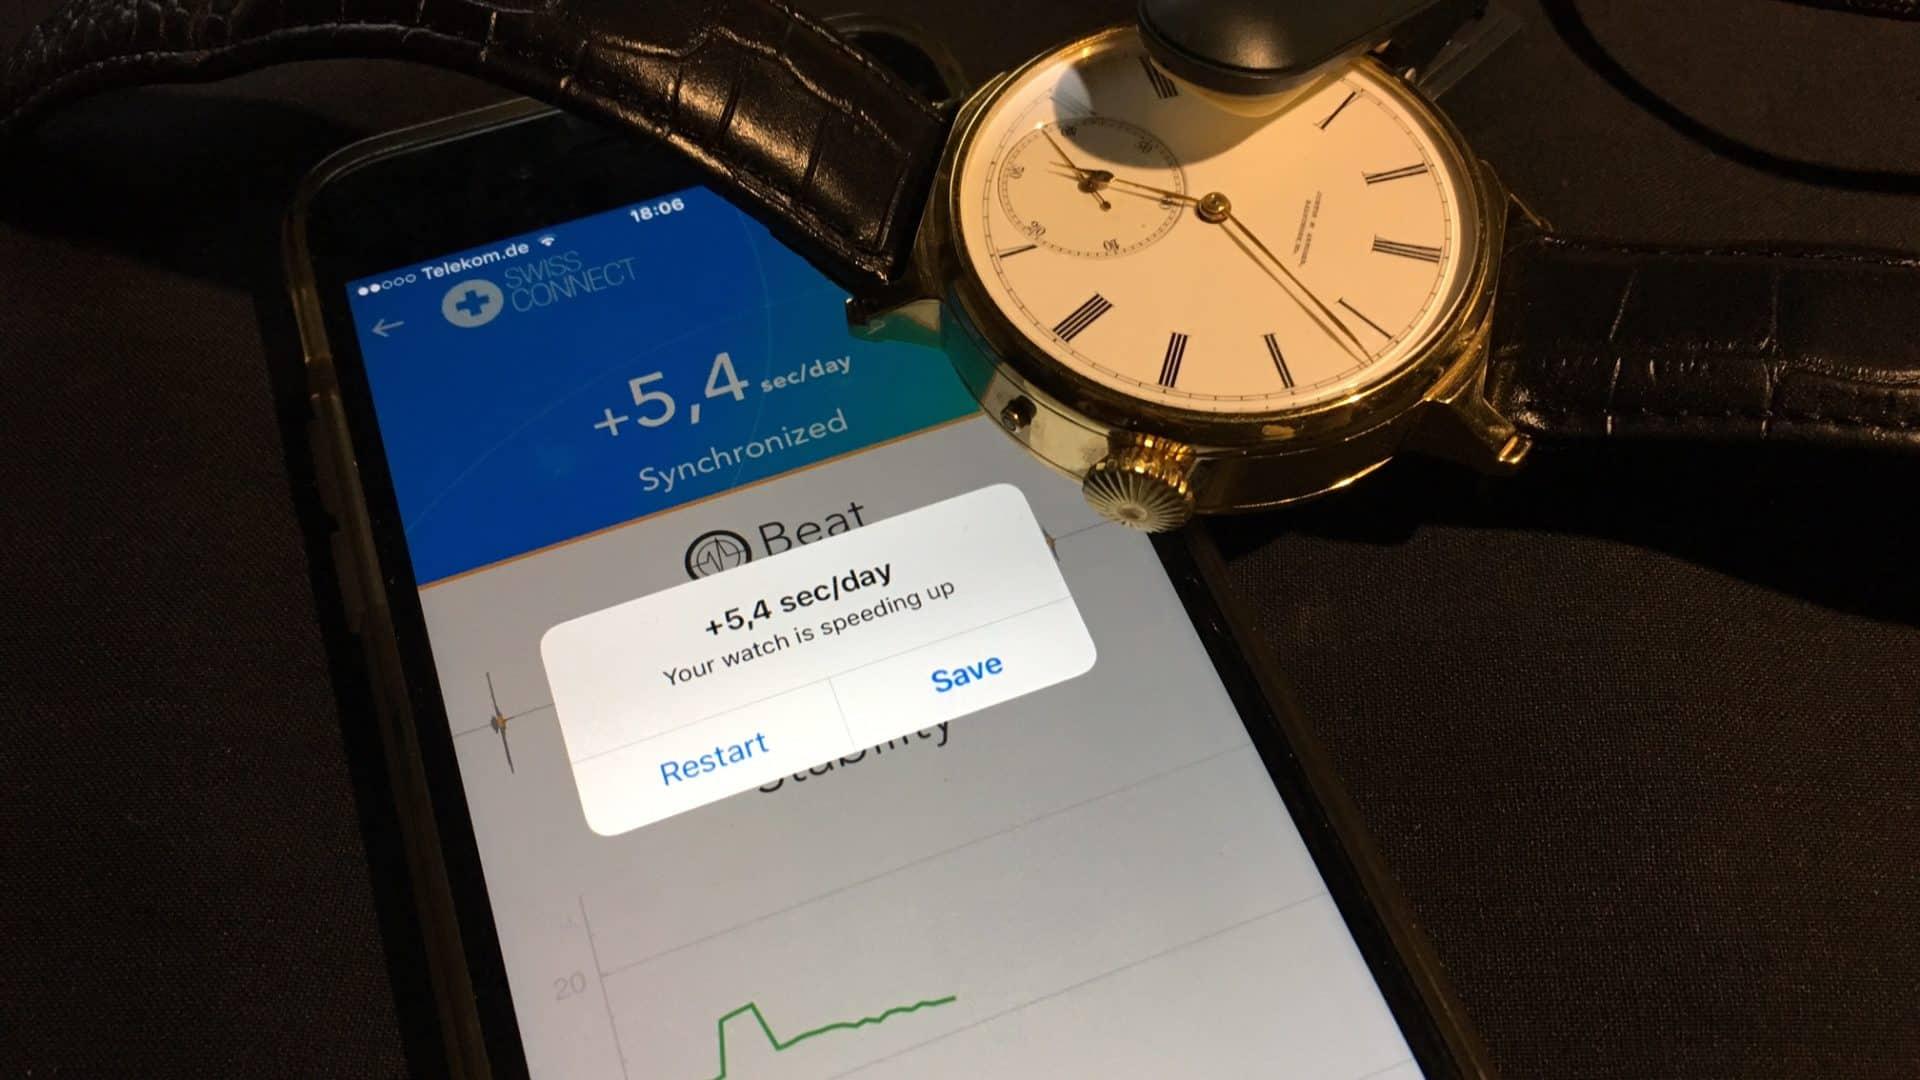 Digitaler Support um analoge Technik genauer zu machen - Apps machen es möglich